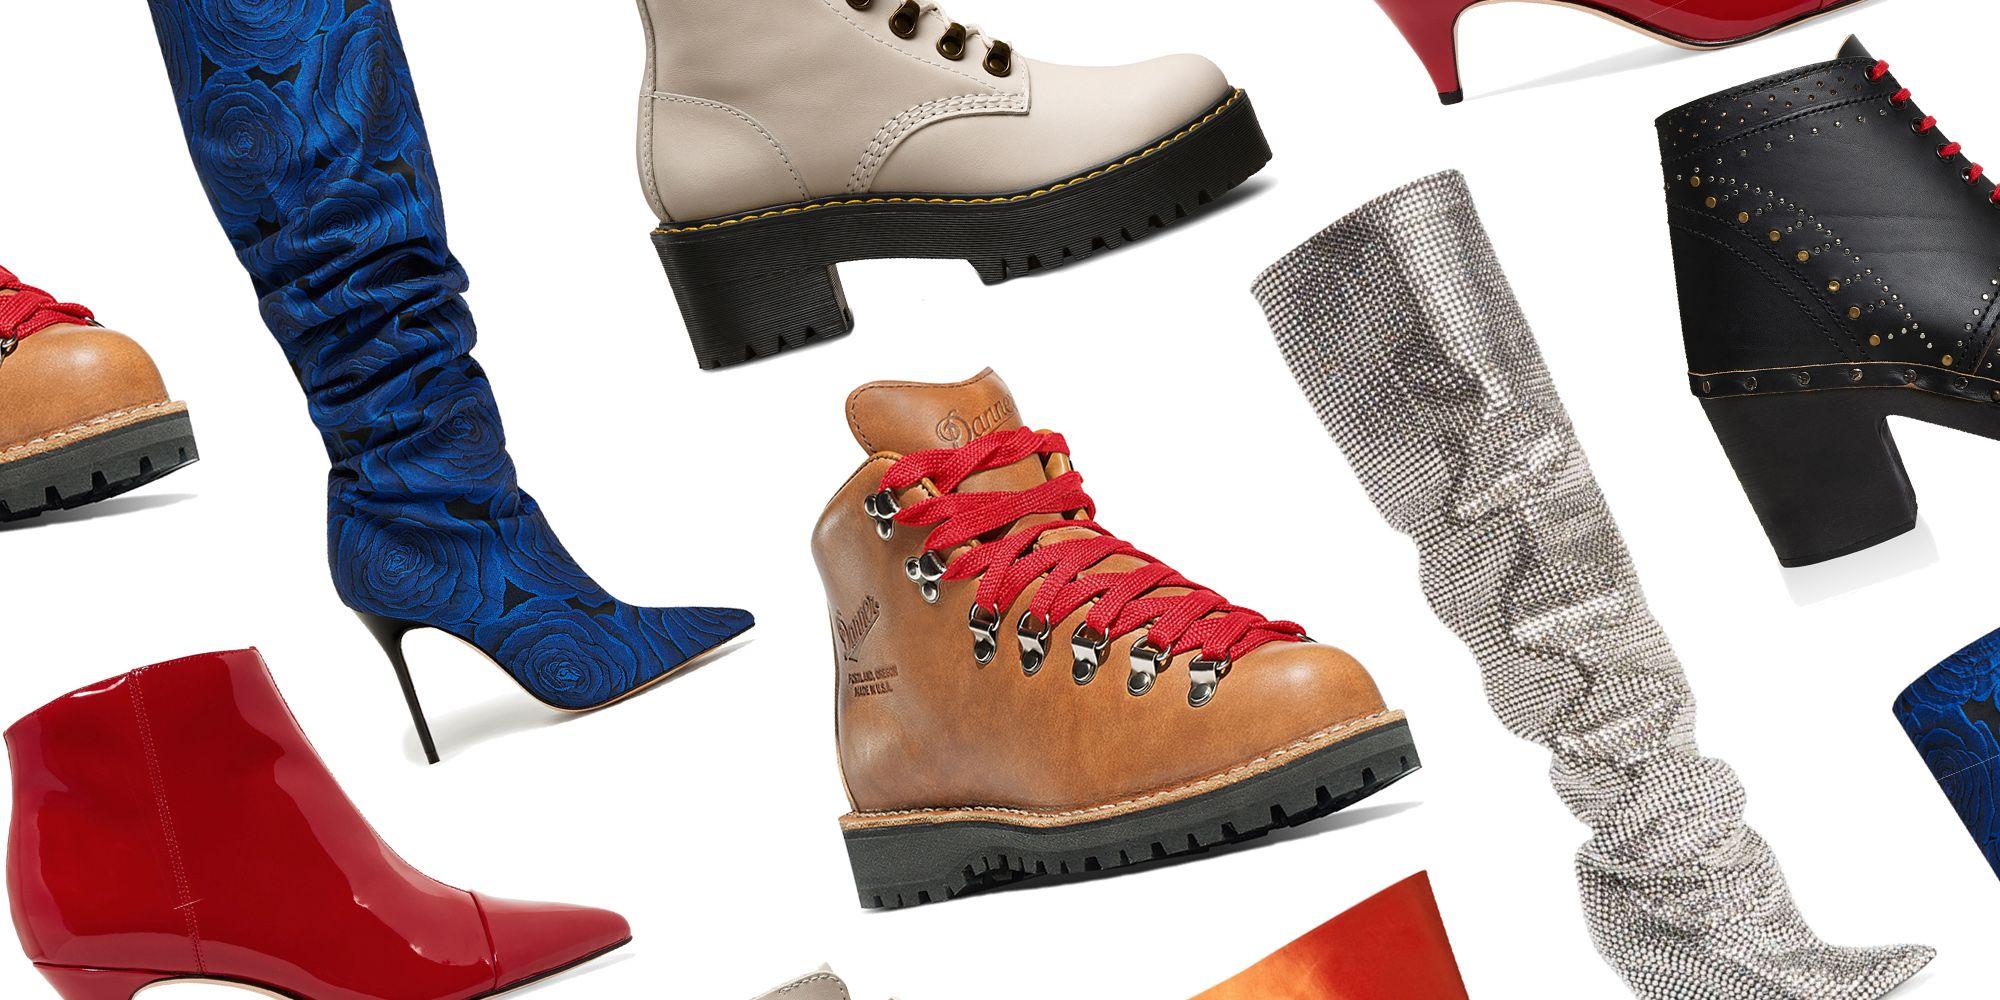 aldo shoes spring 2018 trends elle horoscope virgo